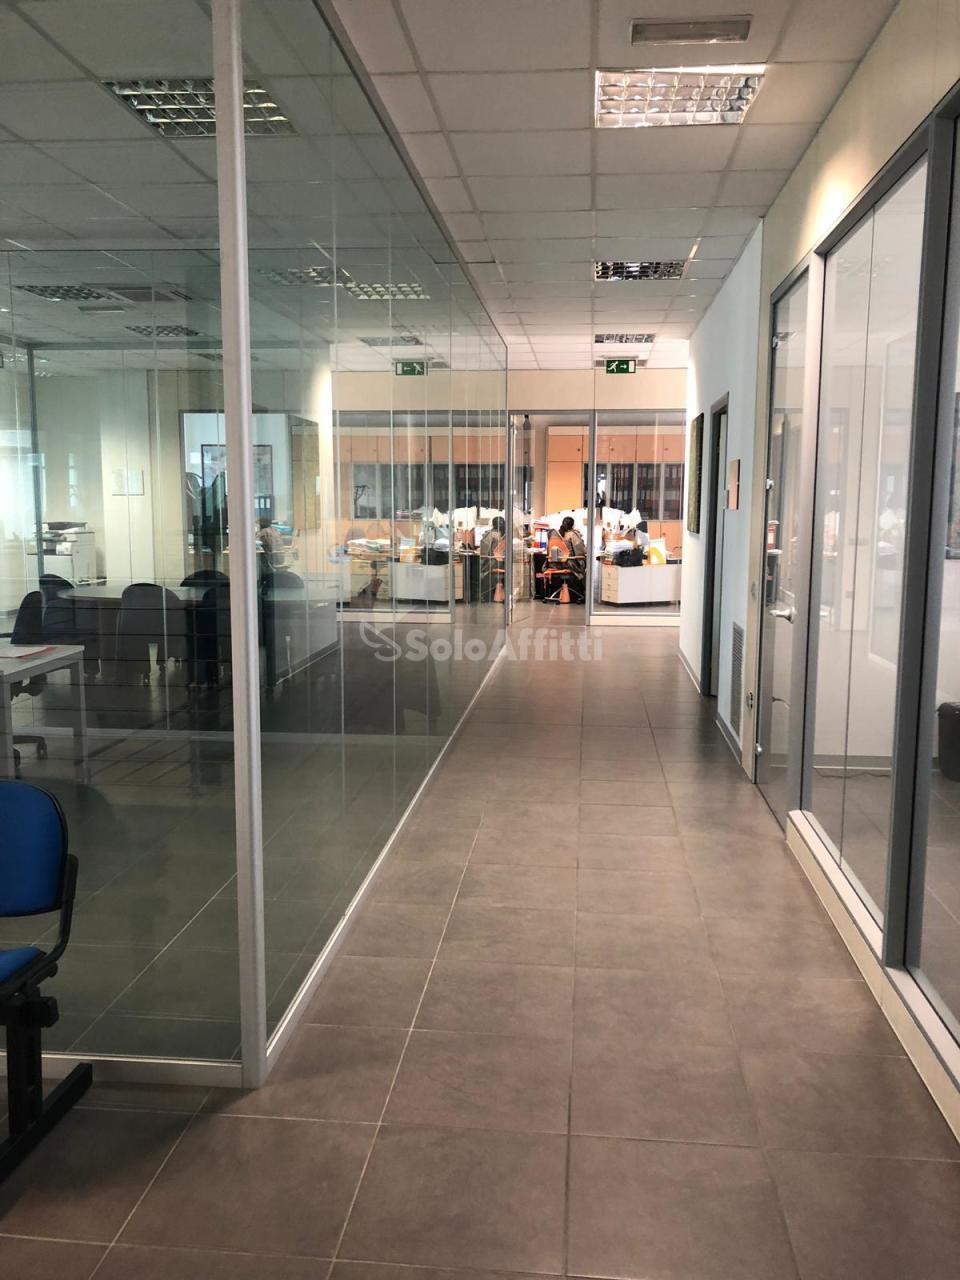 Ufficio - oltre 4 locali a Tiburtina, Pescara Rif. 8546450